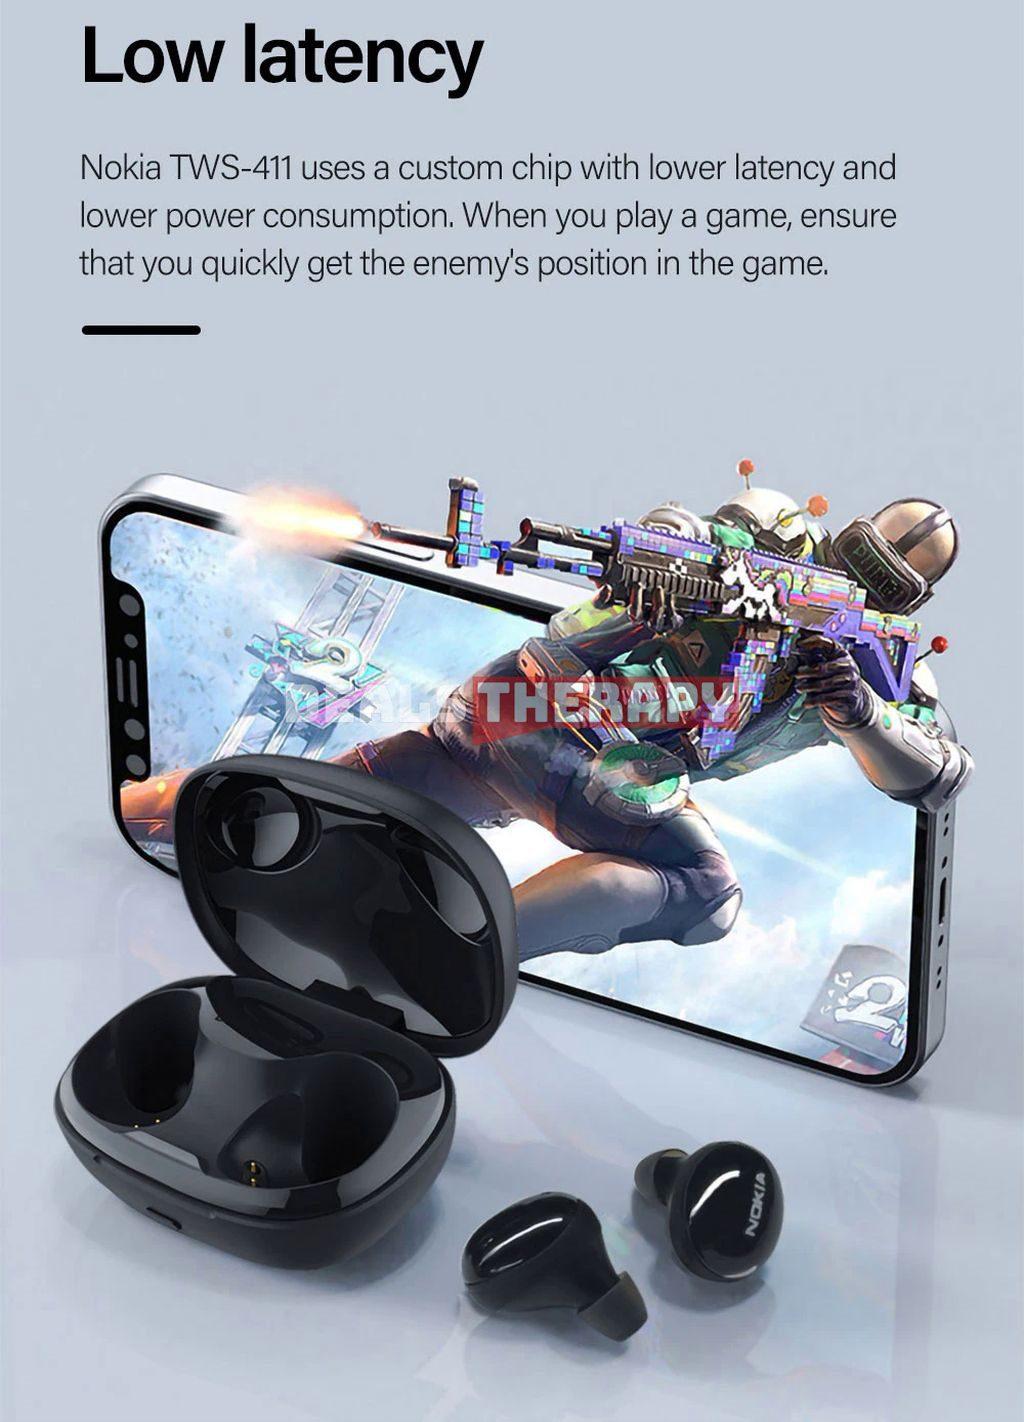 Nokia TWS-411